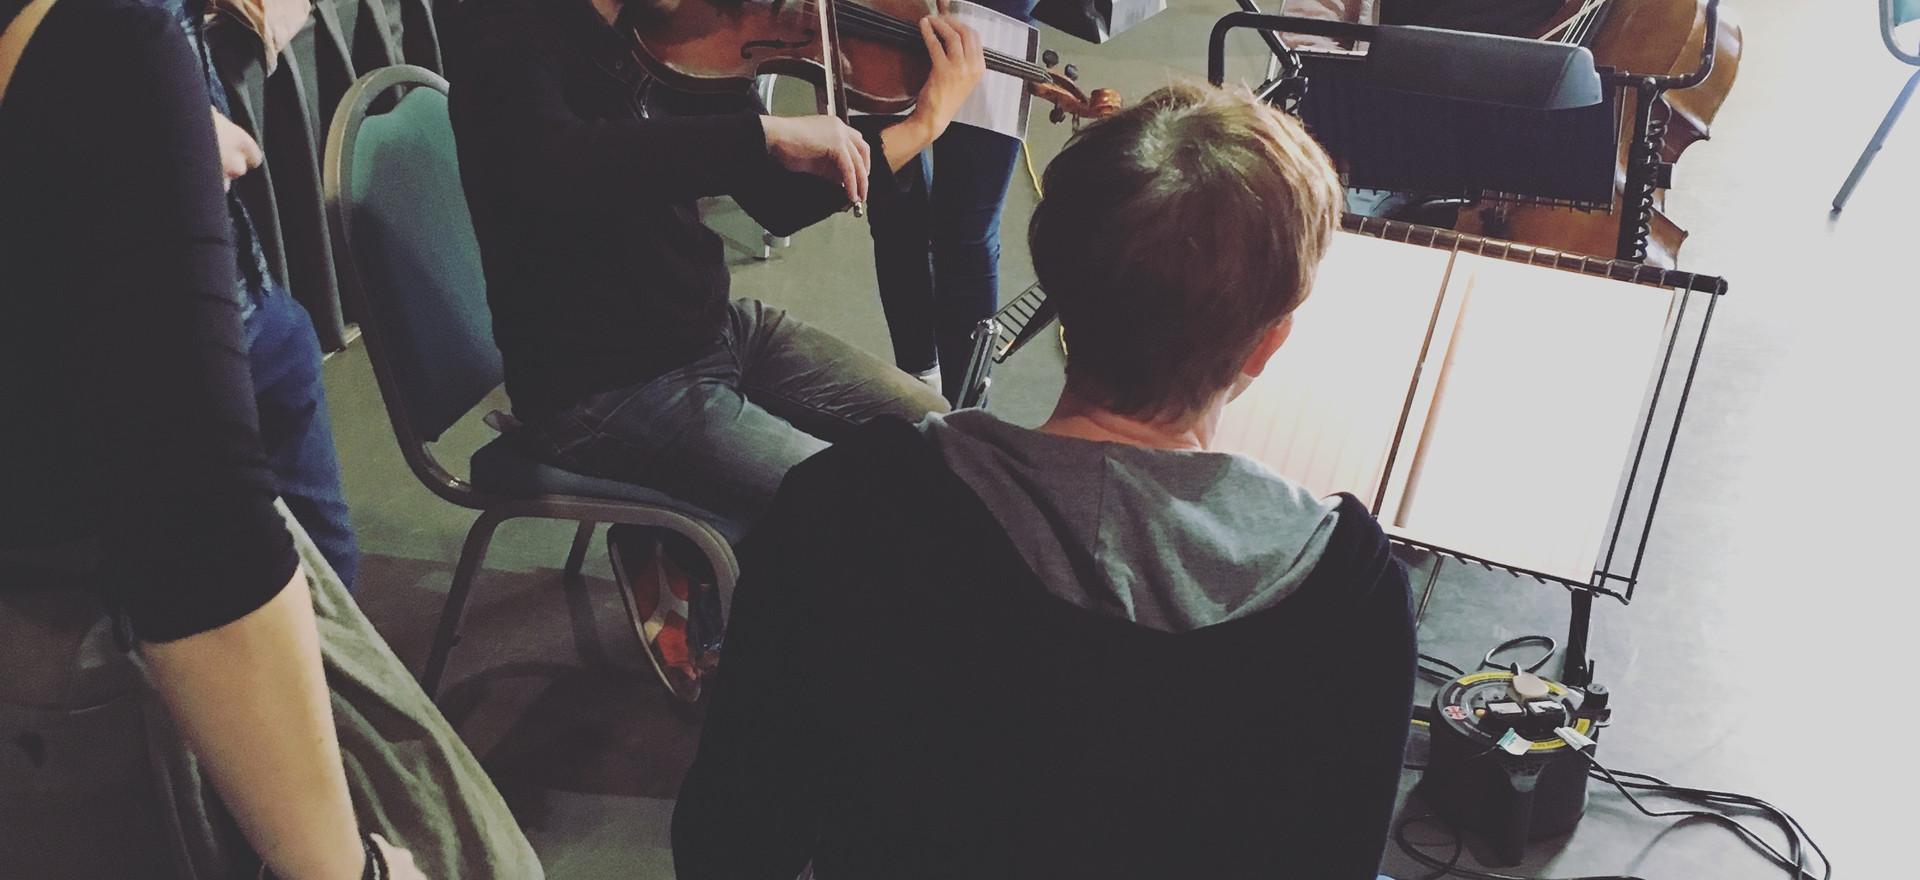 Go Compose! at sound Festival 2018